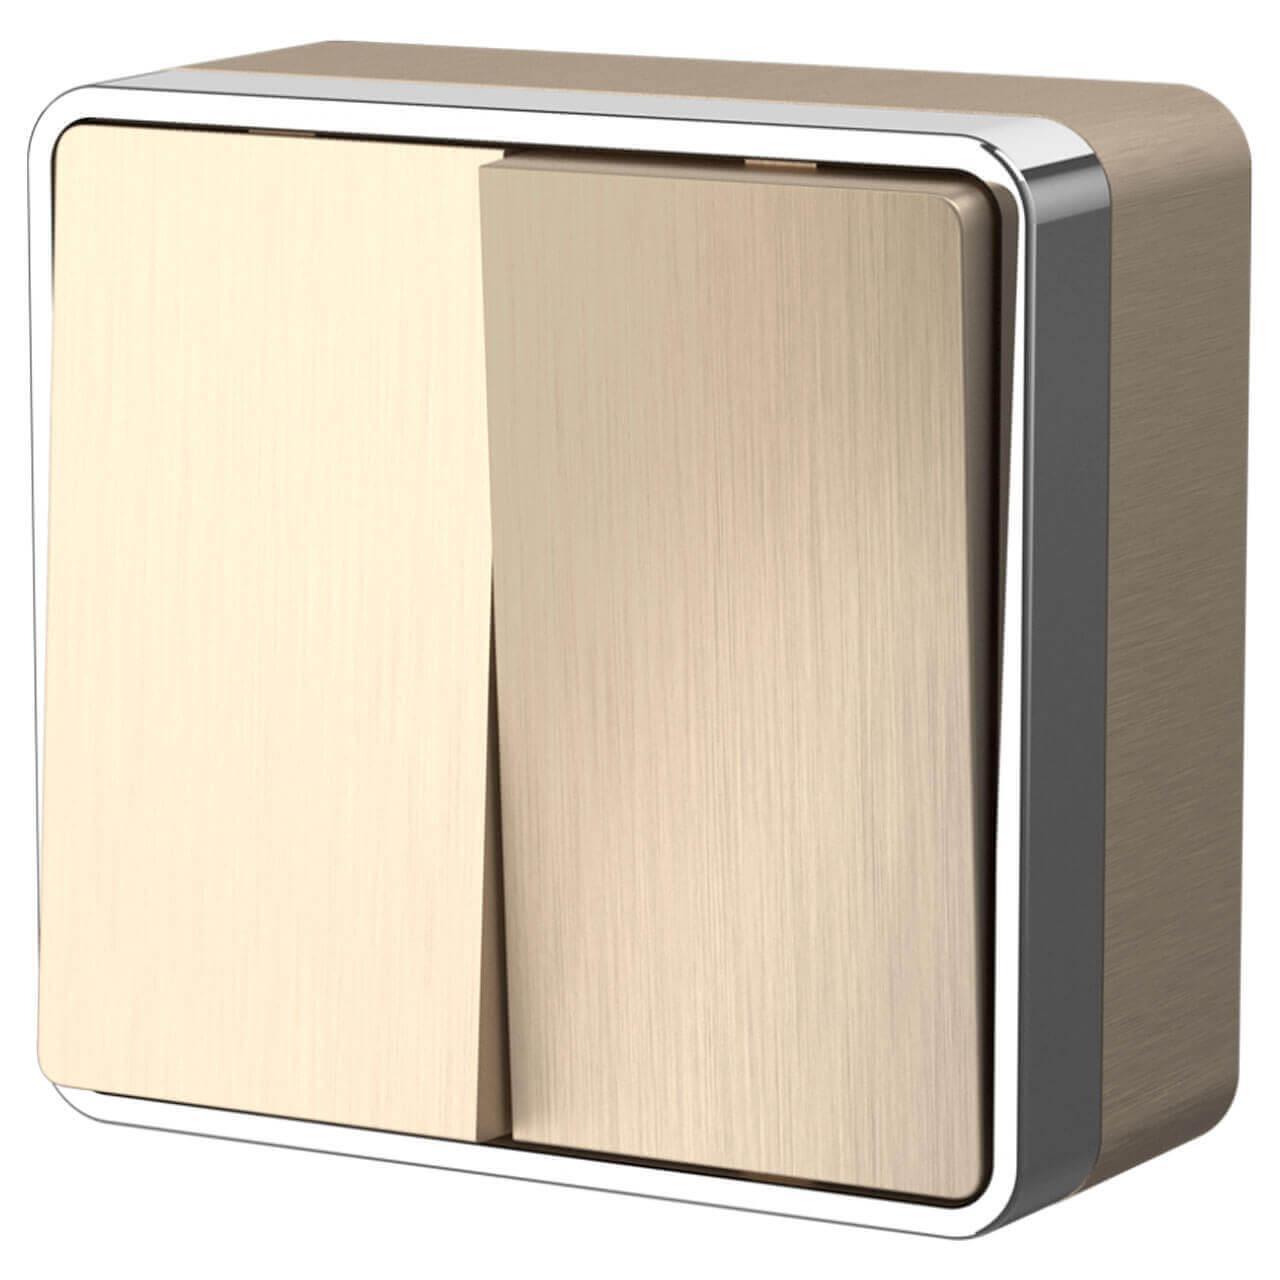 Выключатель двухклавишный влагозащищенный Werkel Gallant шампань рифленый WL15-03-02 4690389129674